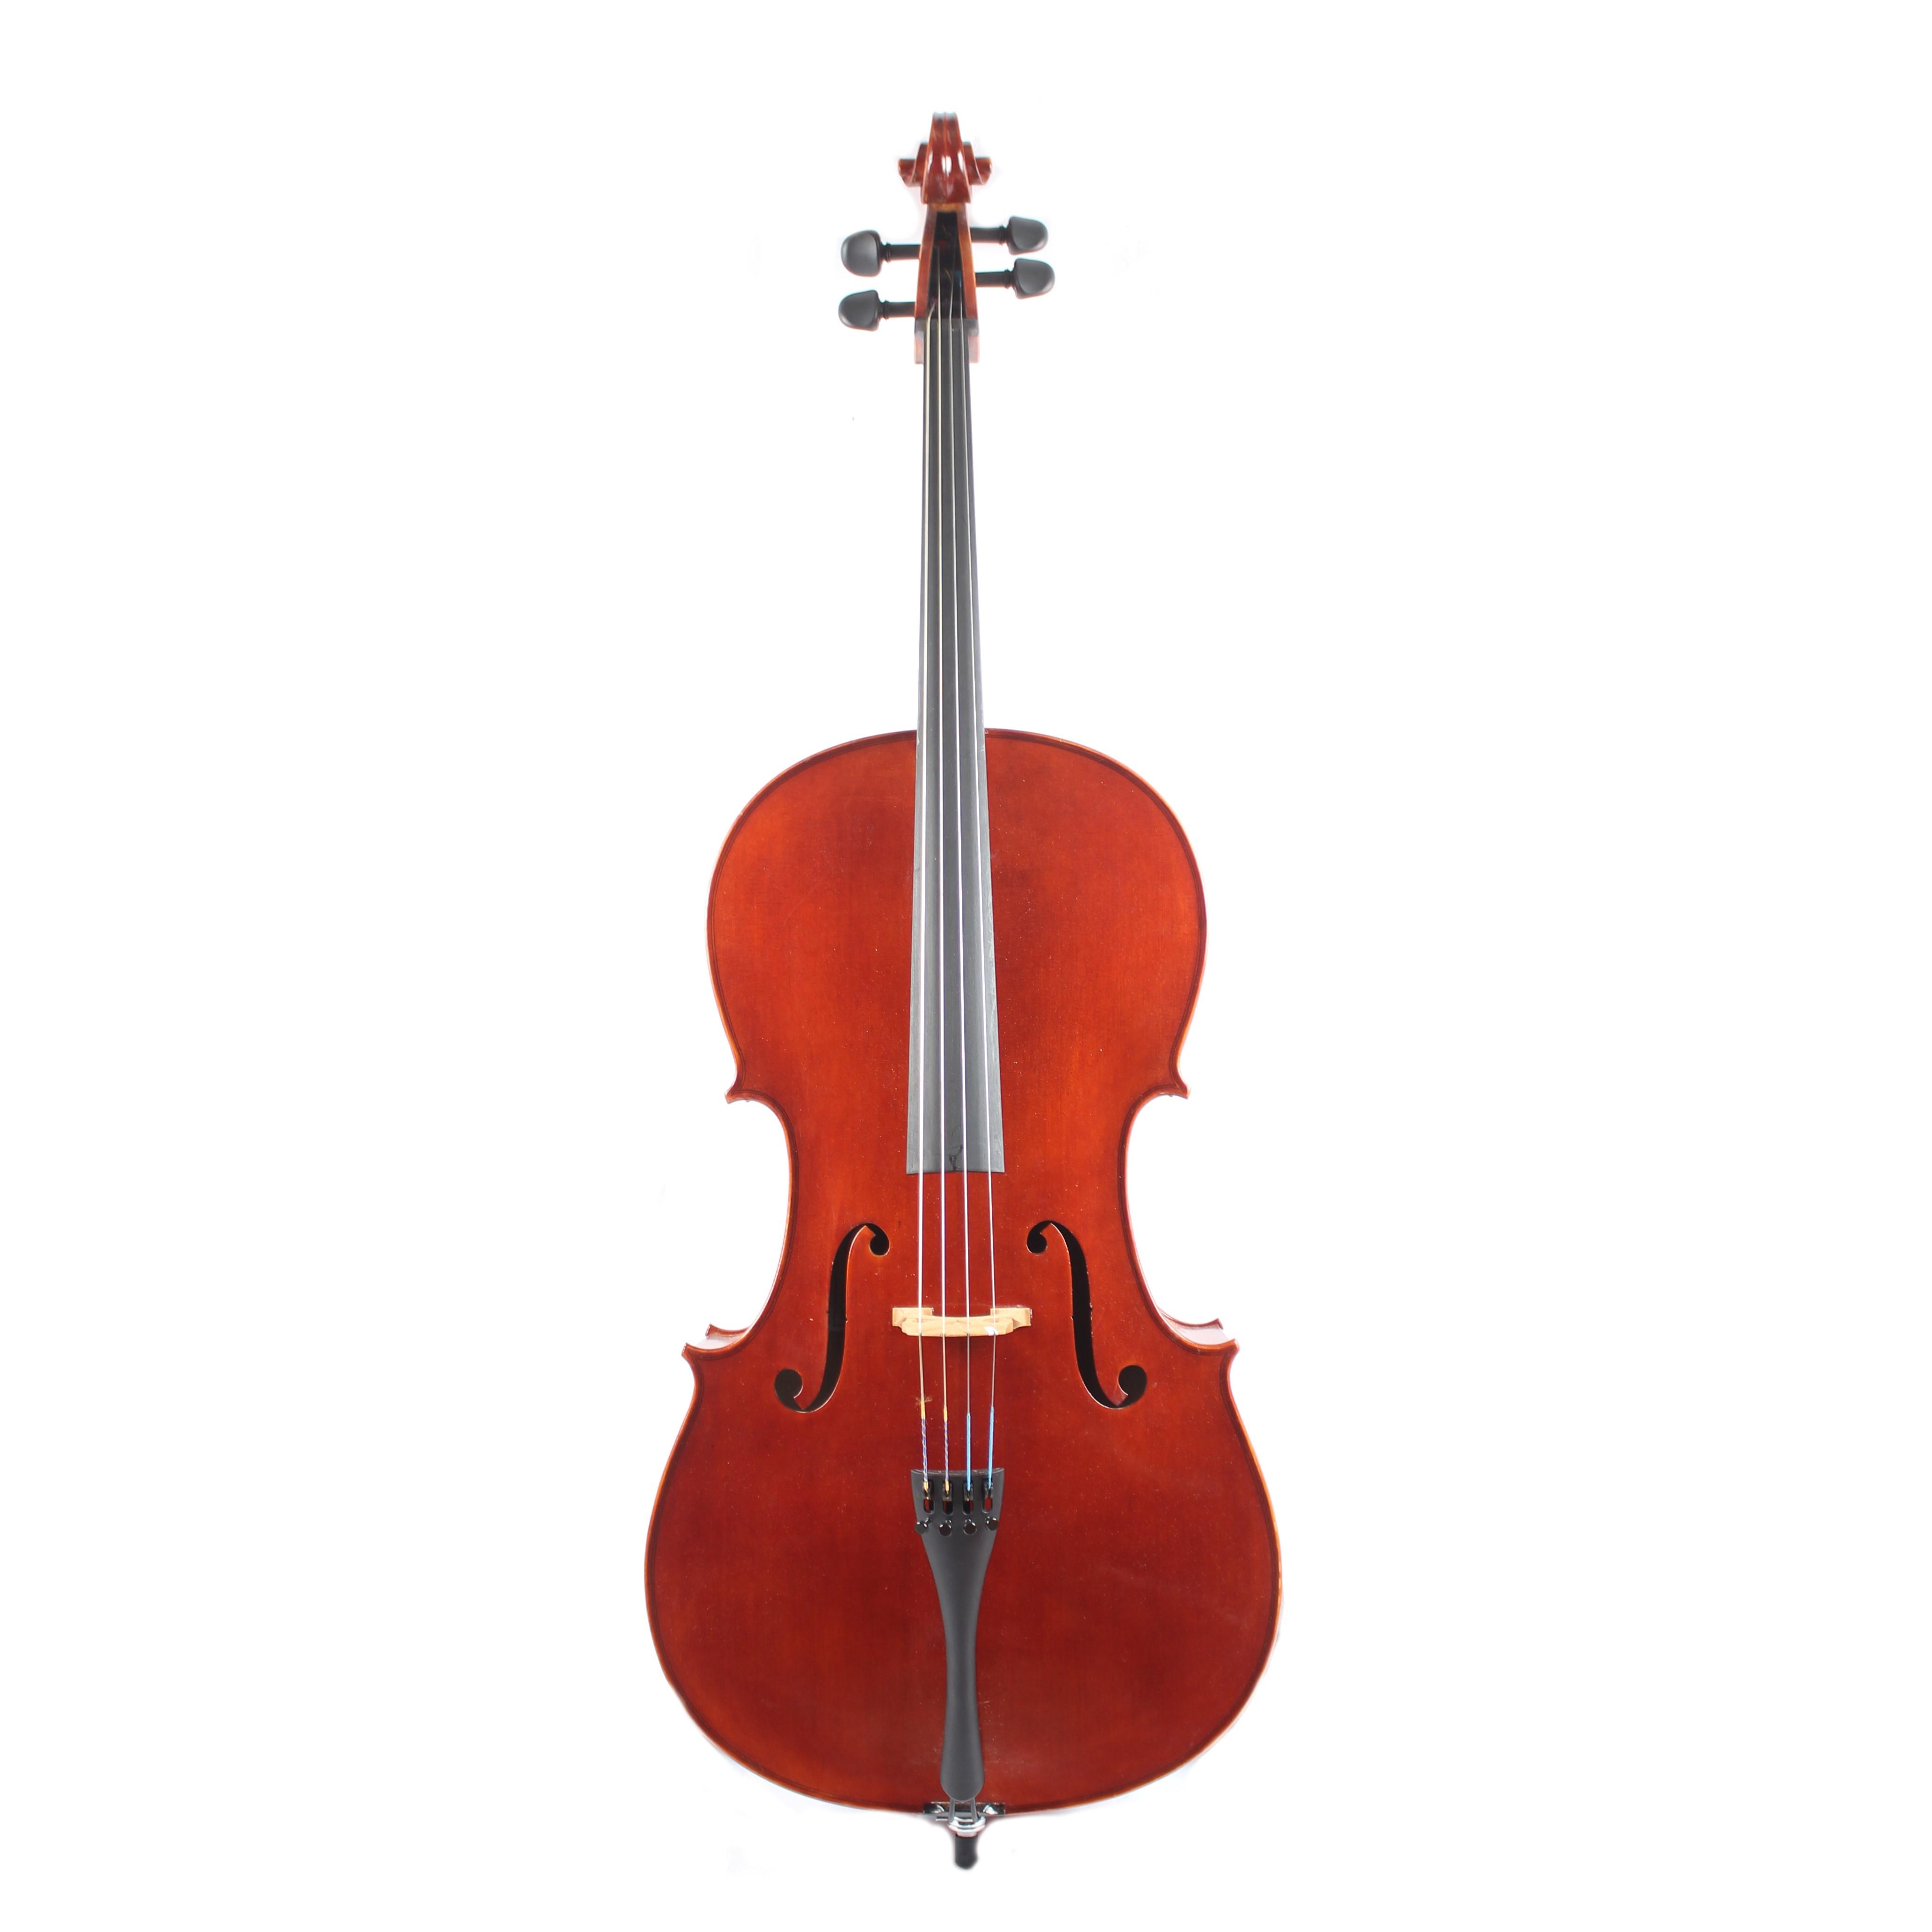 Jay Haide 101 Cello